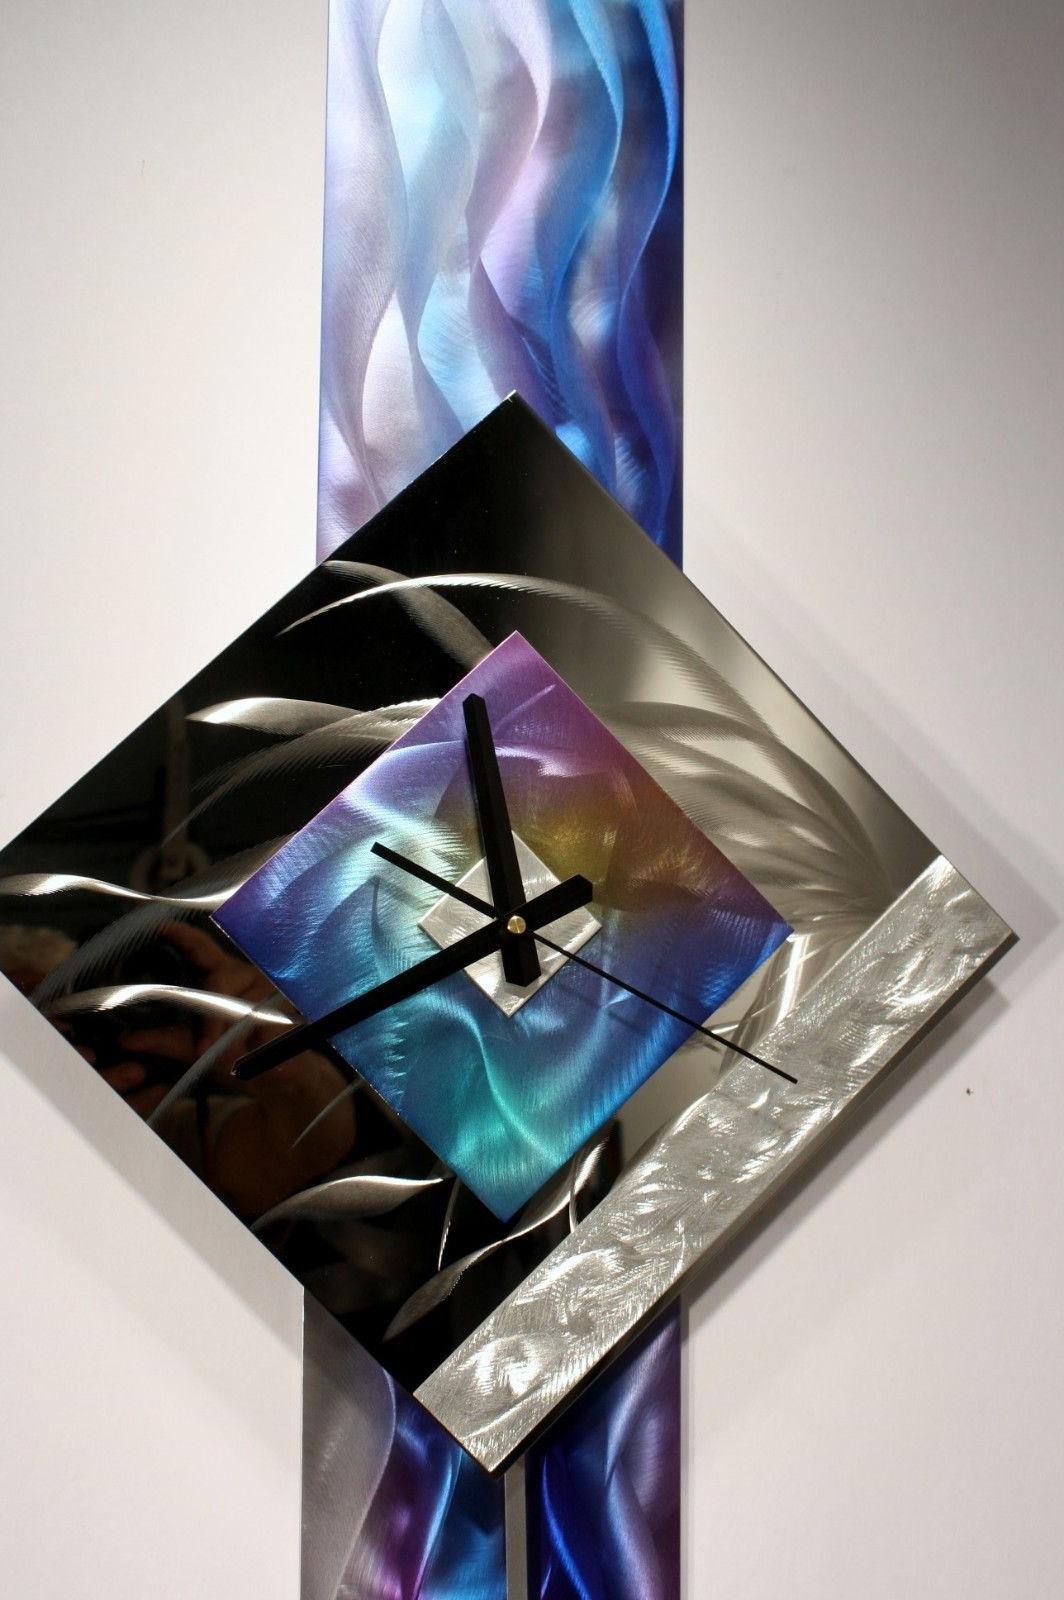 Well Known Modern Metal Wall Art Regarding Modern Metal Wall Art Pendulum Clock Abstract Sculpture Decor (View 6 of 15)